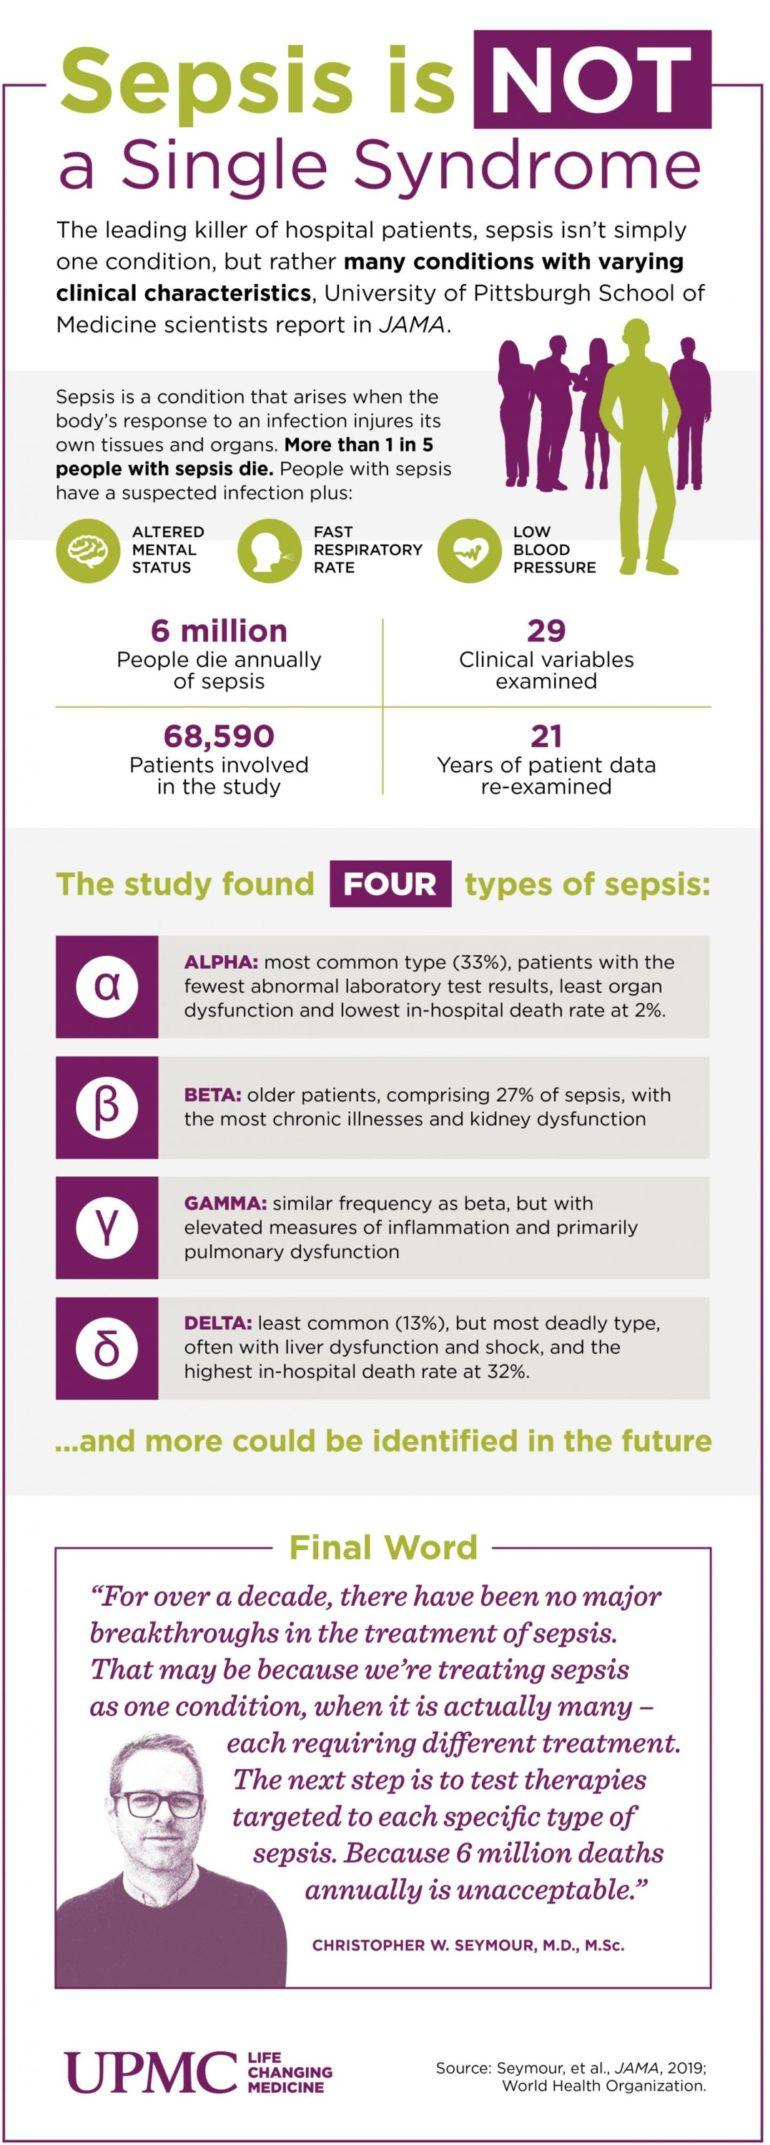 Большие данные позволили медикам разделить сепсис на четыре типа